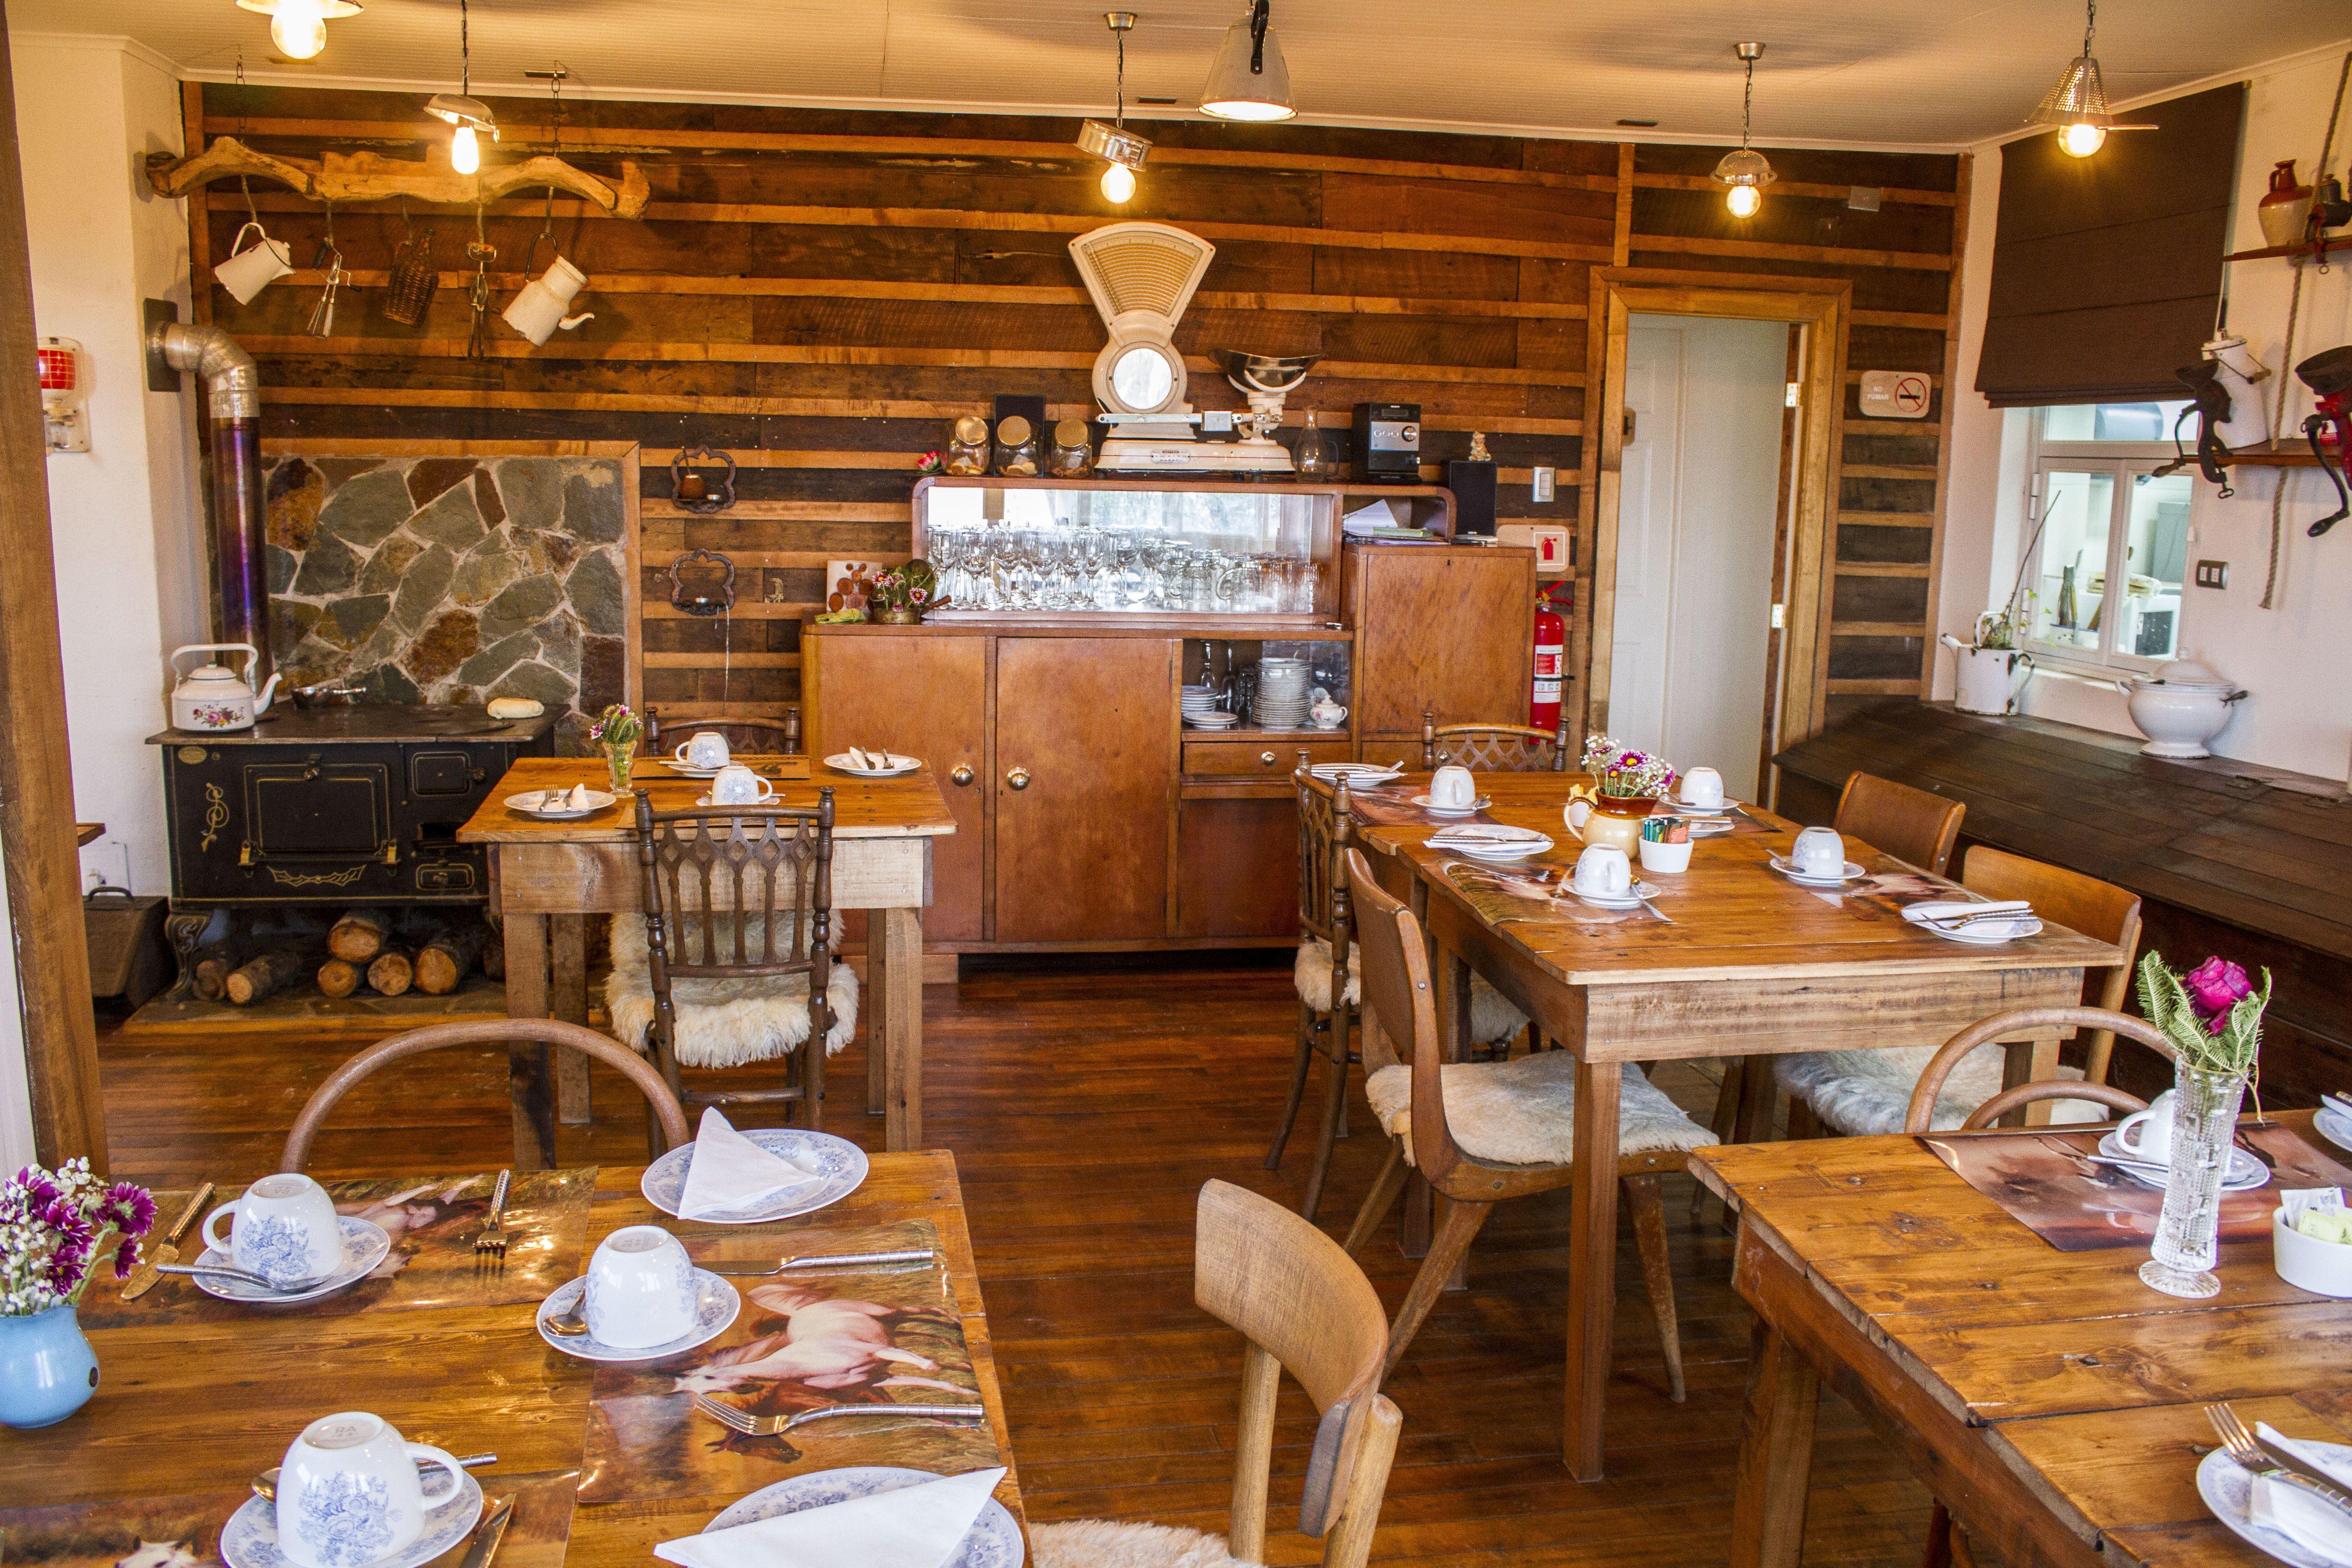 Restaurante Y Cafeter A La Yegua Loca Restaurante Cafeter A  # Muebles Punta Arenas